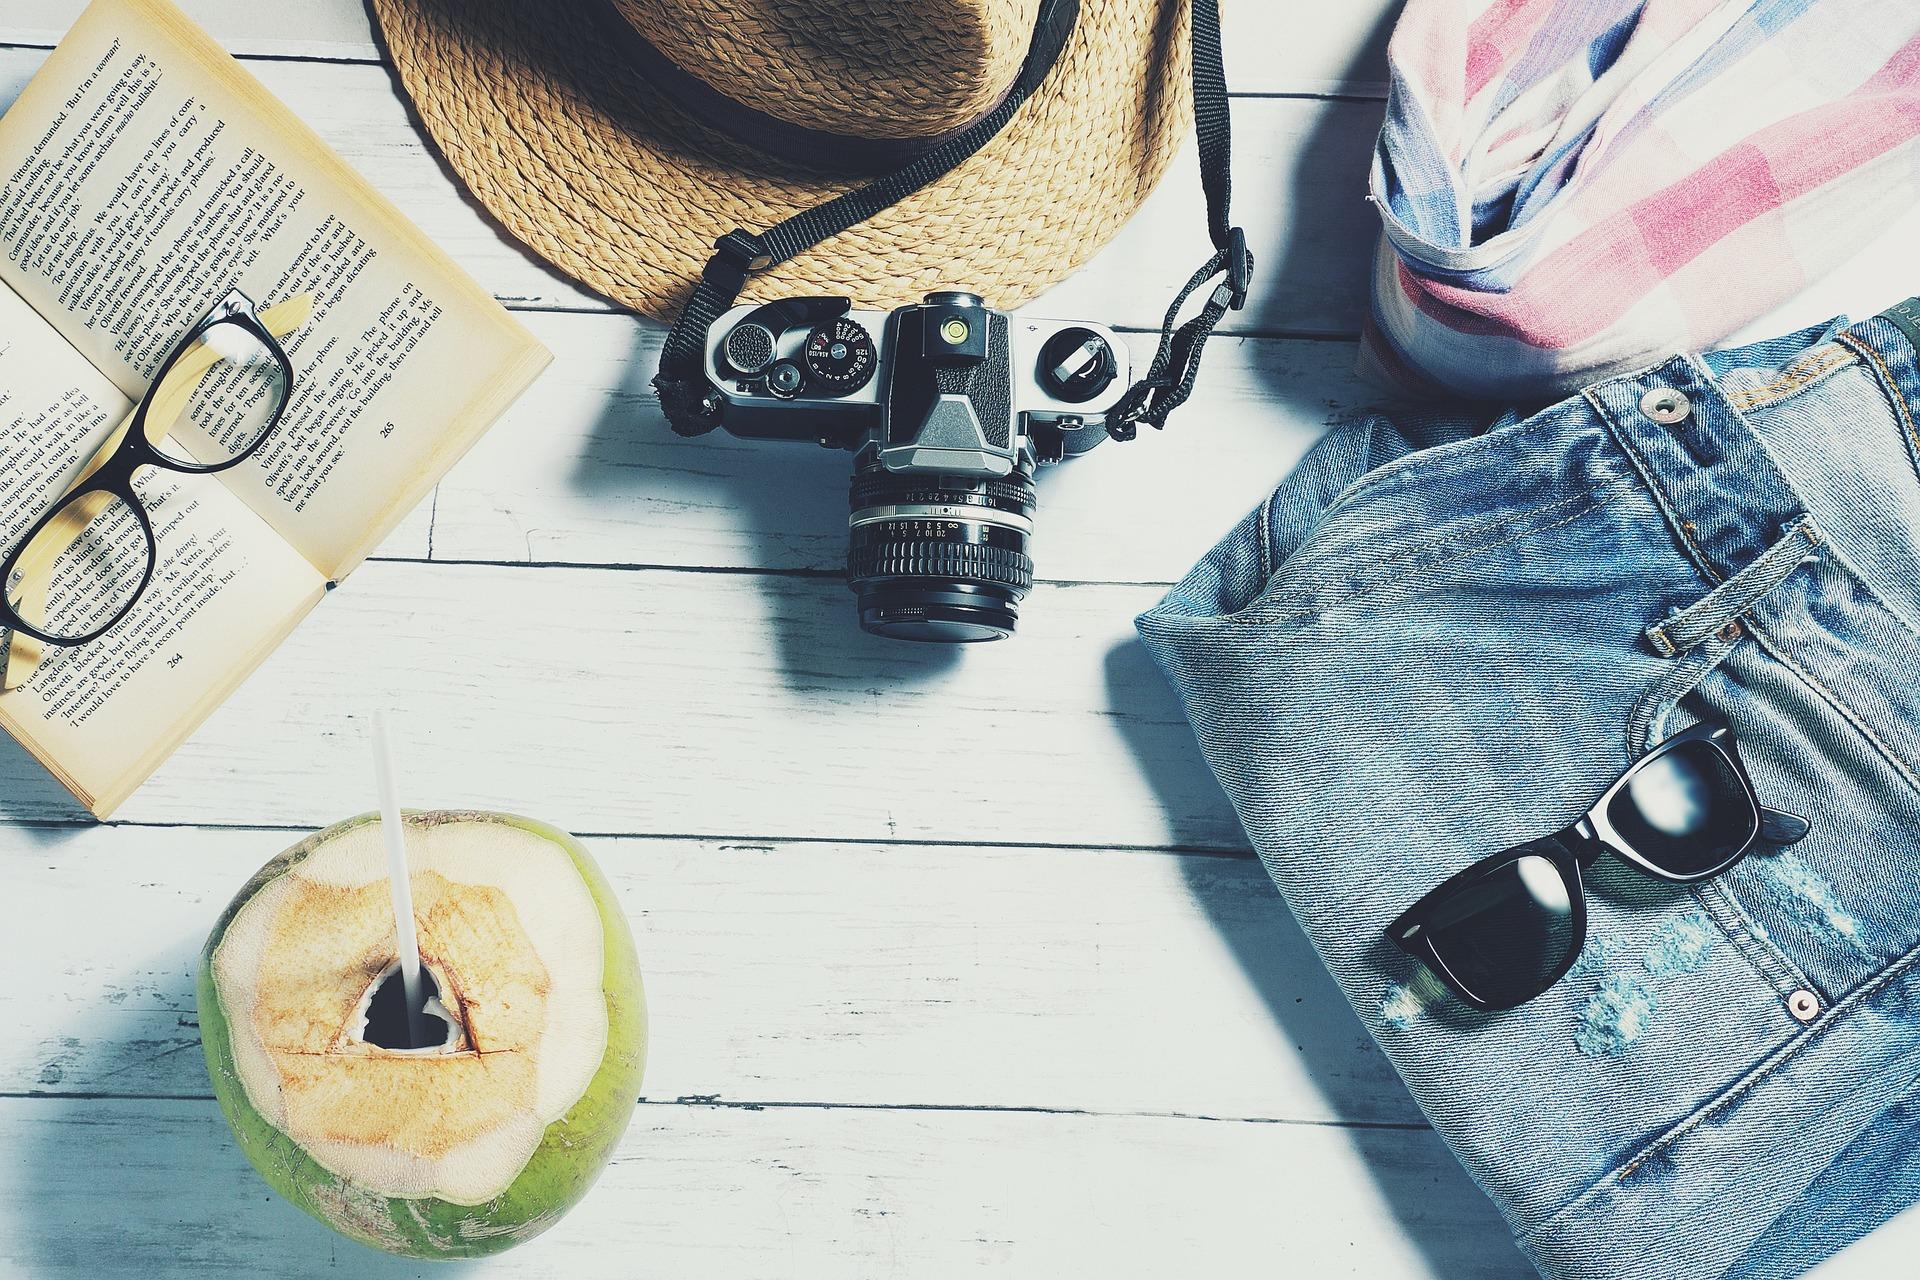 hacer las maletas y prepararse para las próximas vacaciones en su destino favorito